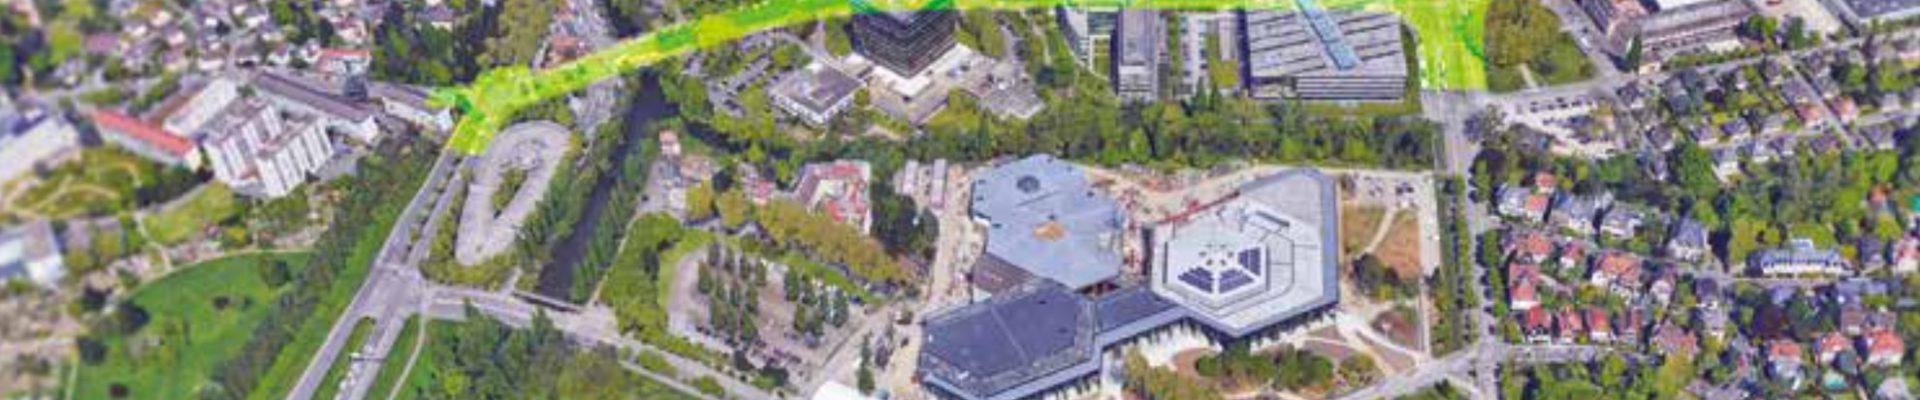 Concertation sur le réaménagement de la rue Jean Wenger-Valentin jusqu'au 11 octobre 2019